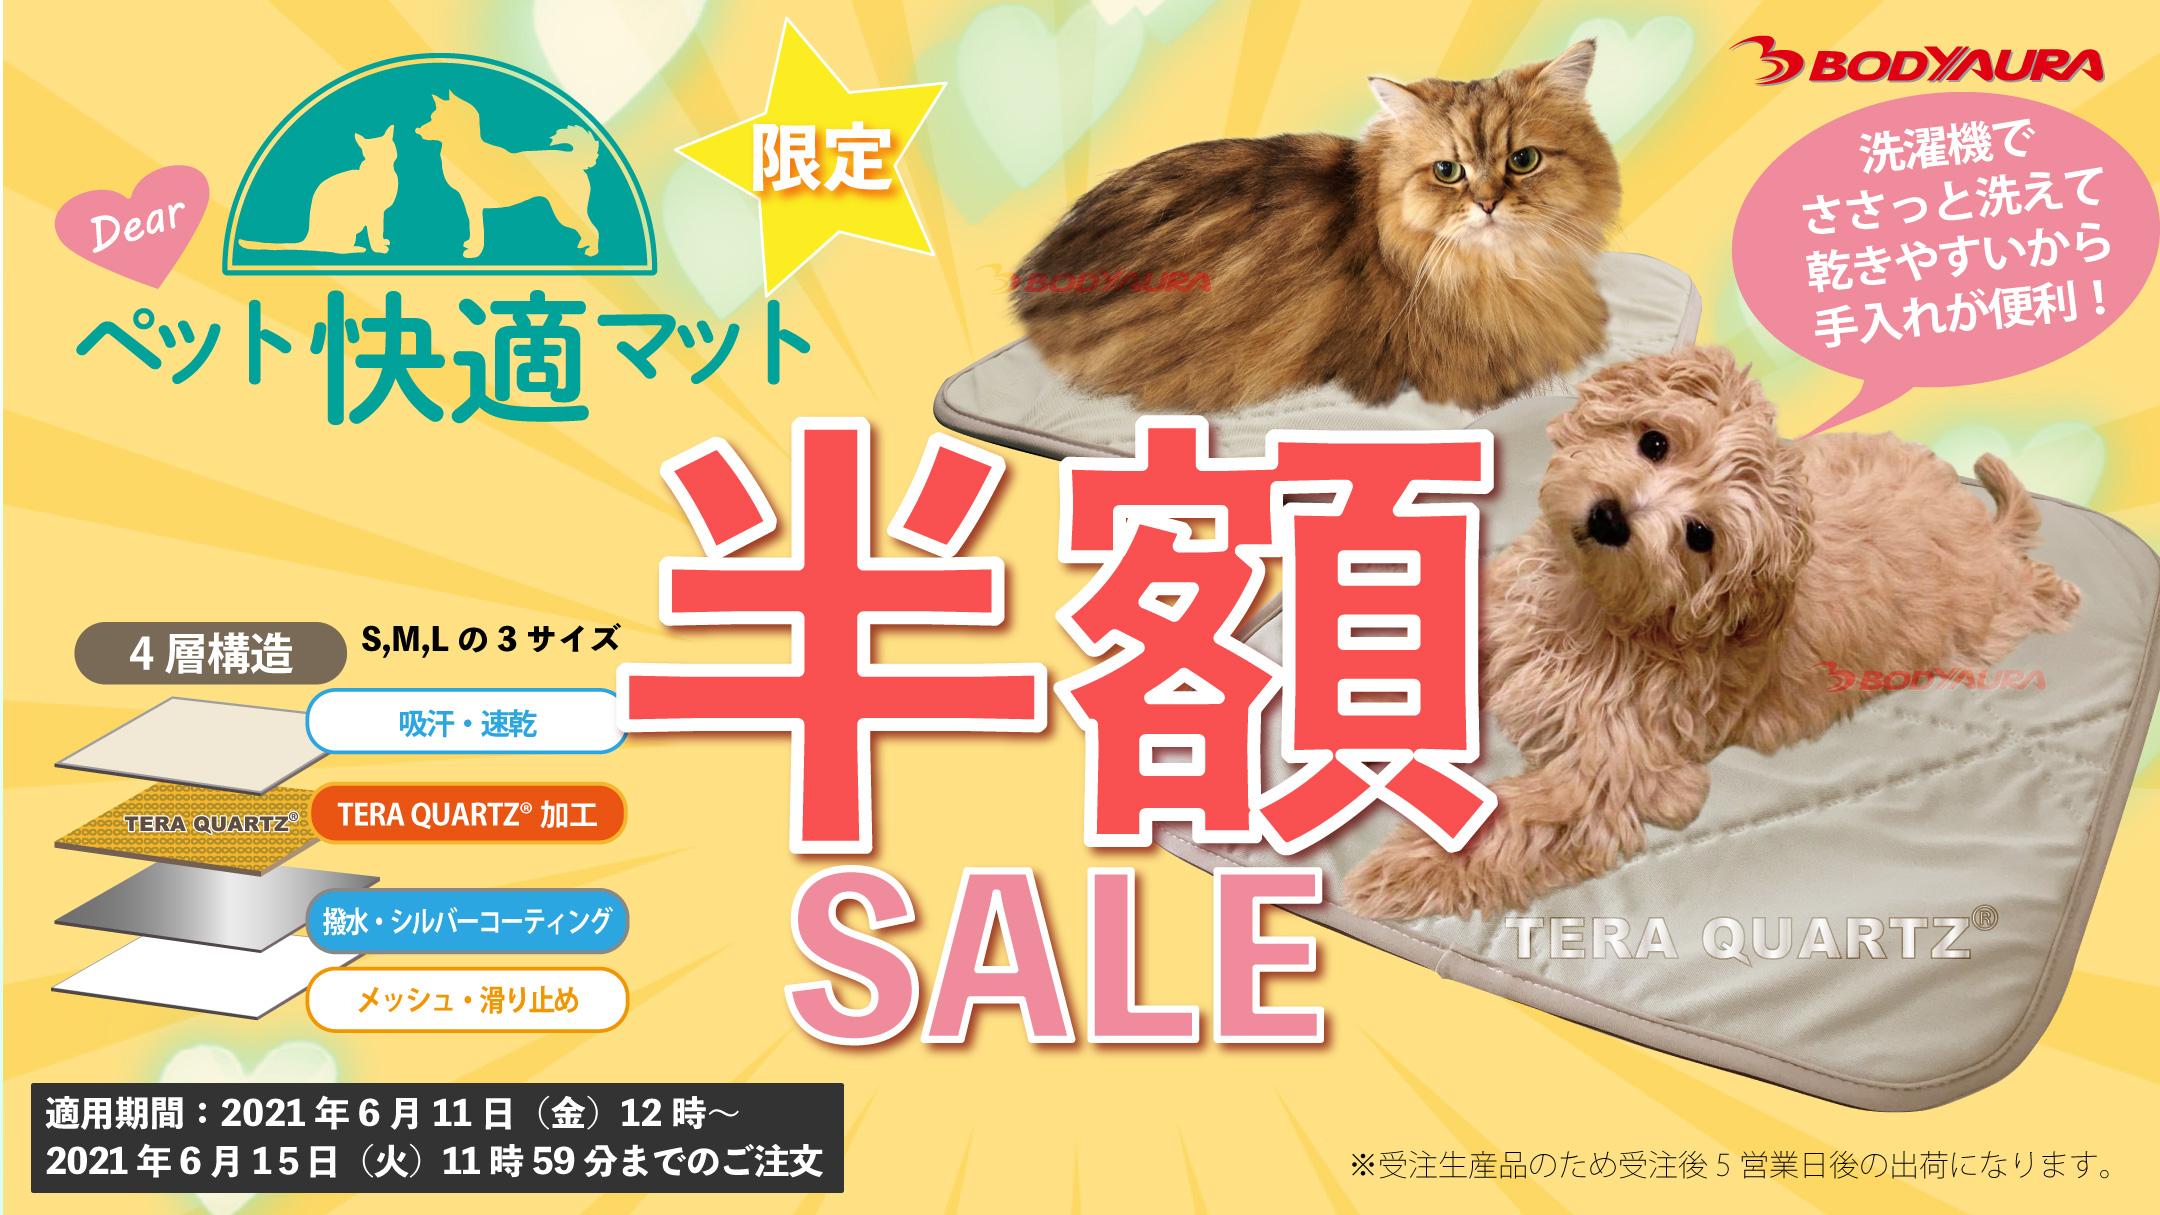 【半額セール】Dear ペット快適マット発売記念セール